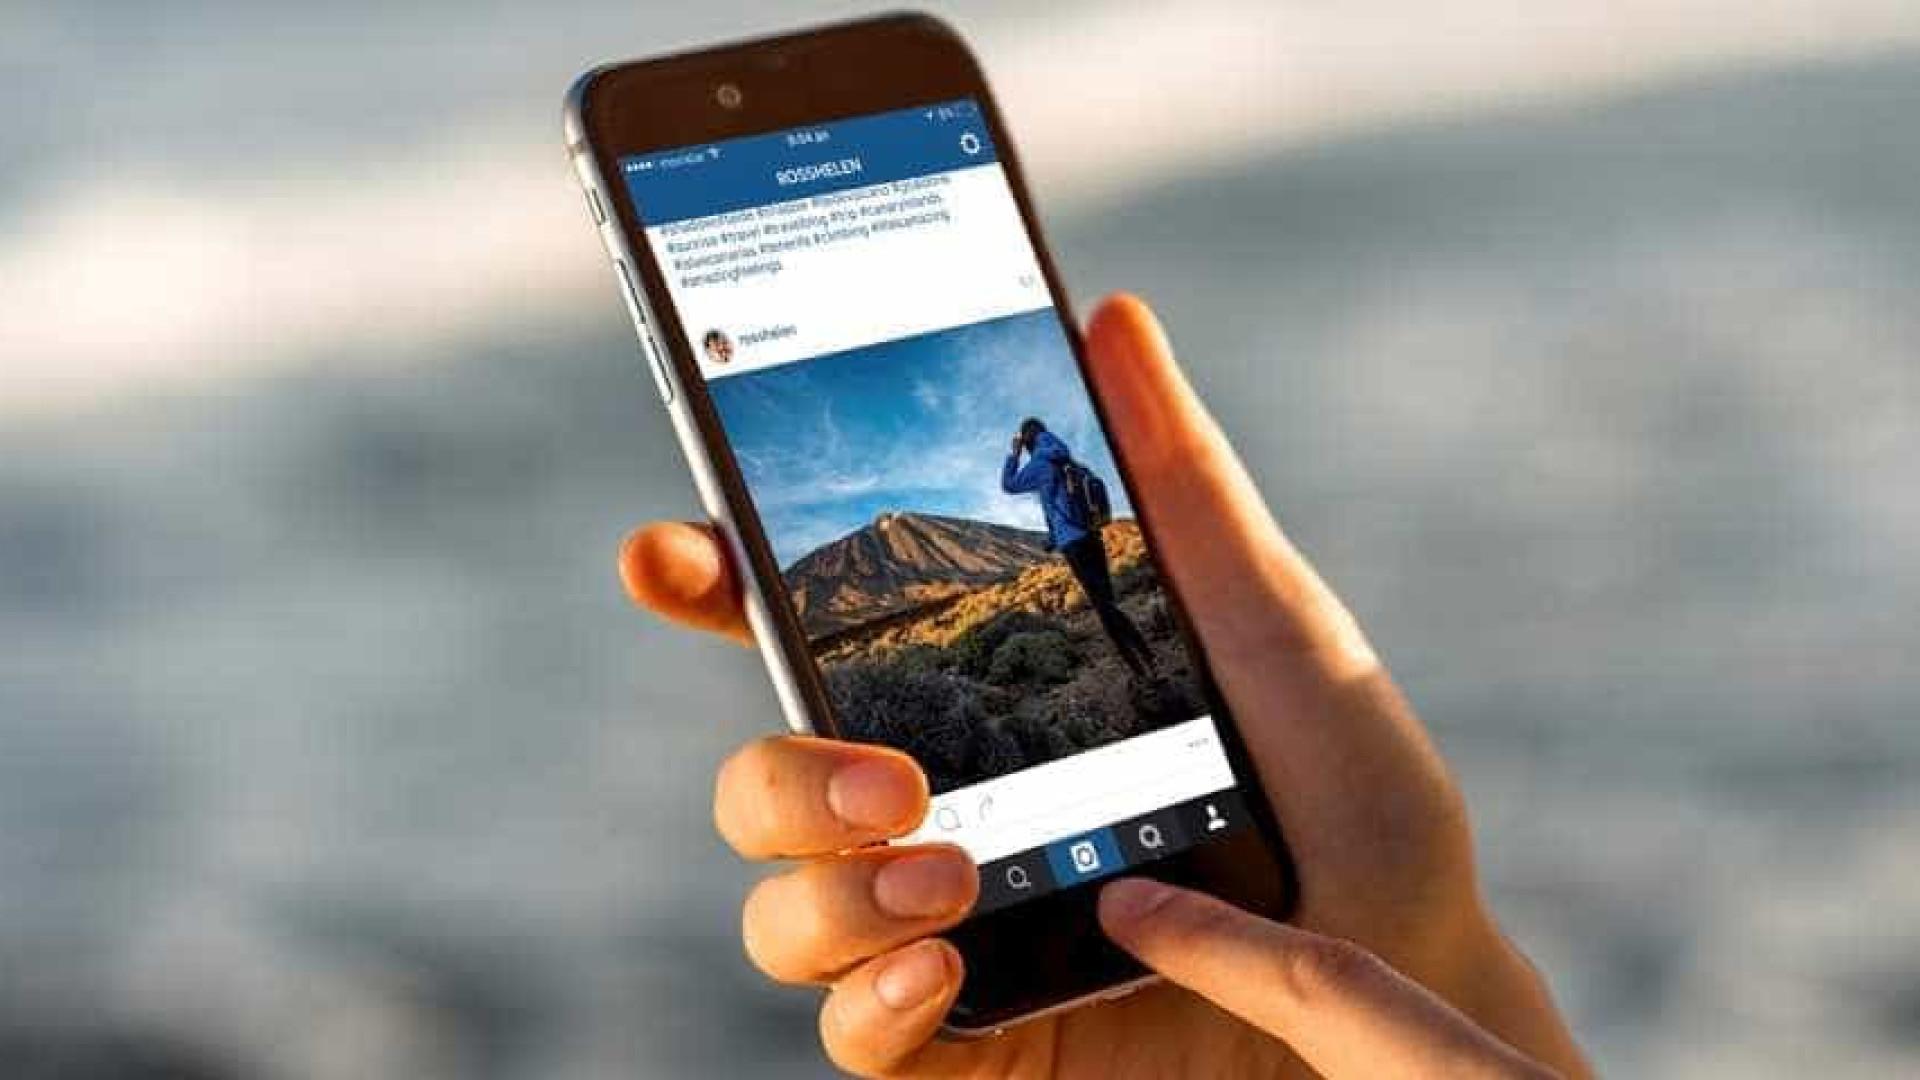 Apagou uma foto do Instagram por engano? Aprenda a recuperá-la